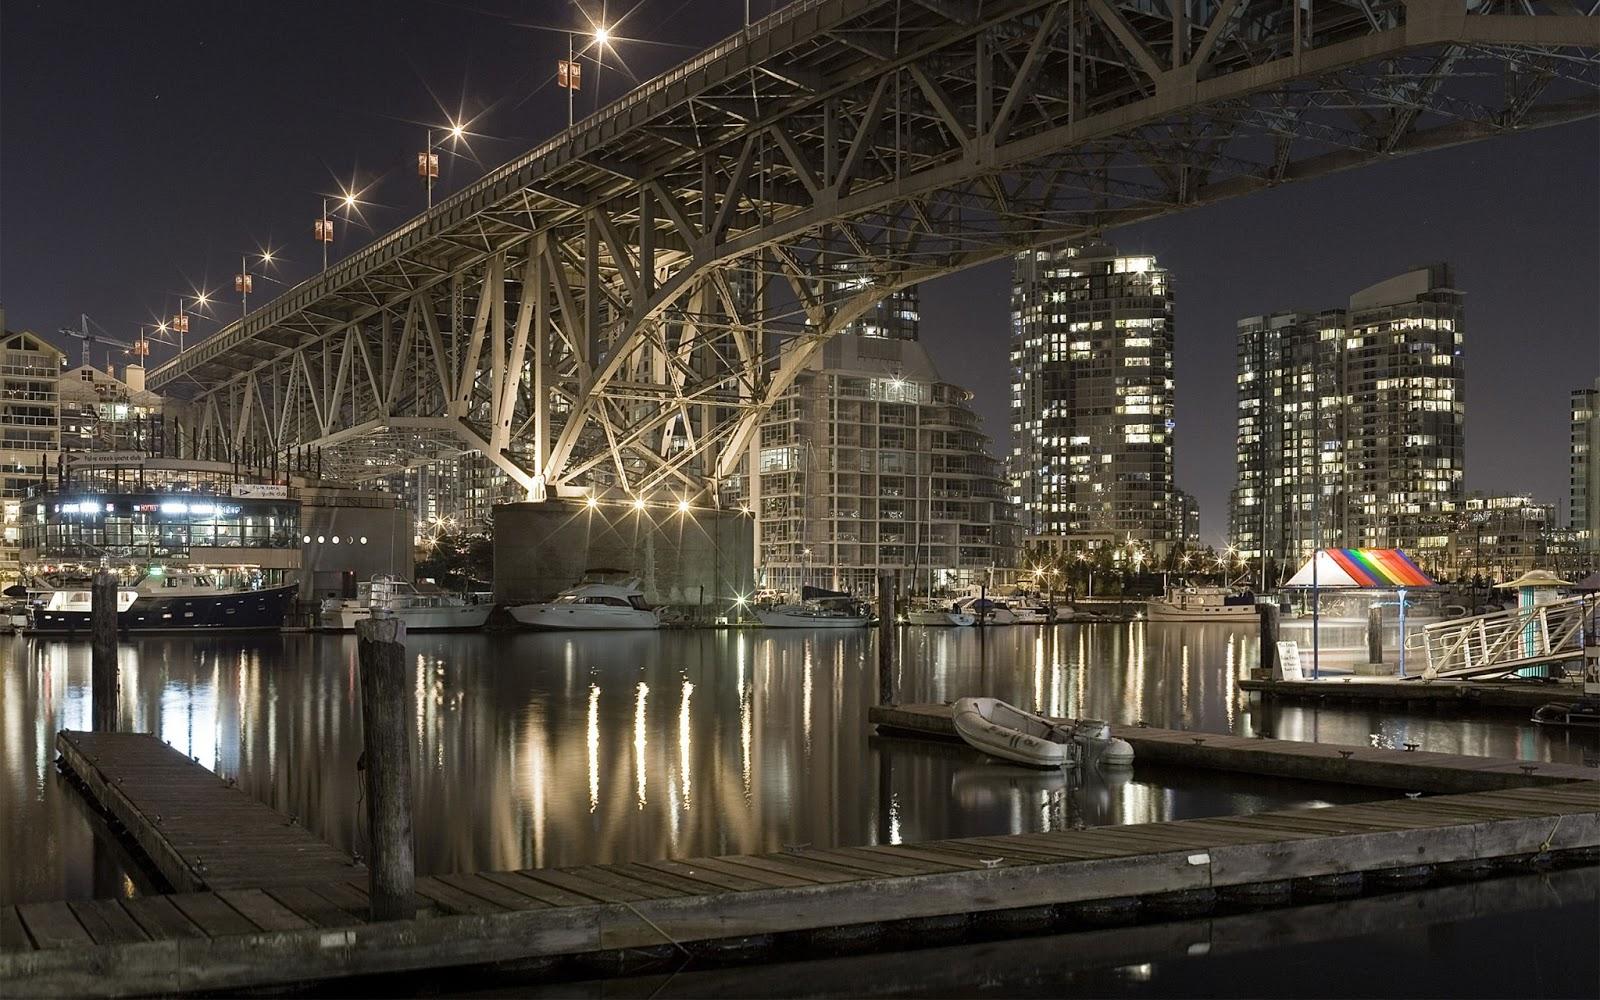 Bridges bridges hd wallpapers - Bridge wallpaper hd ...